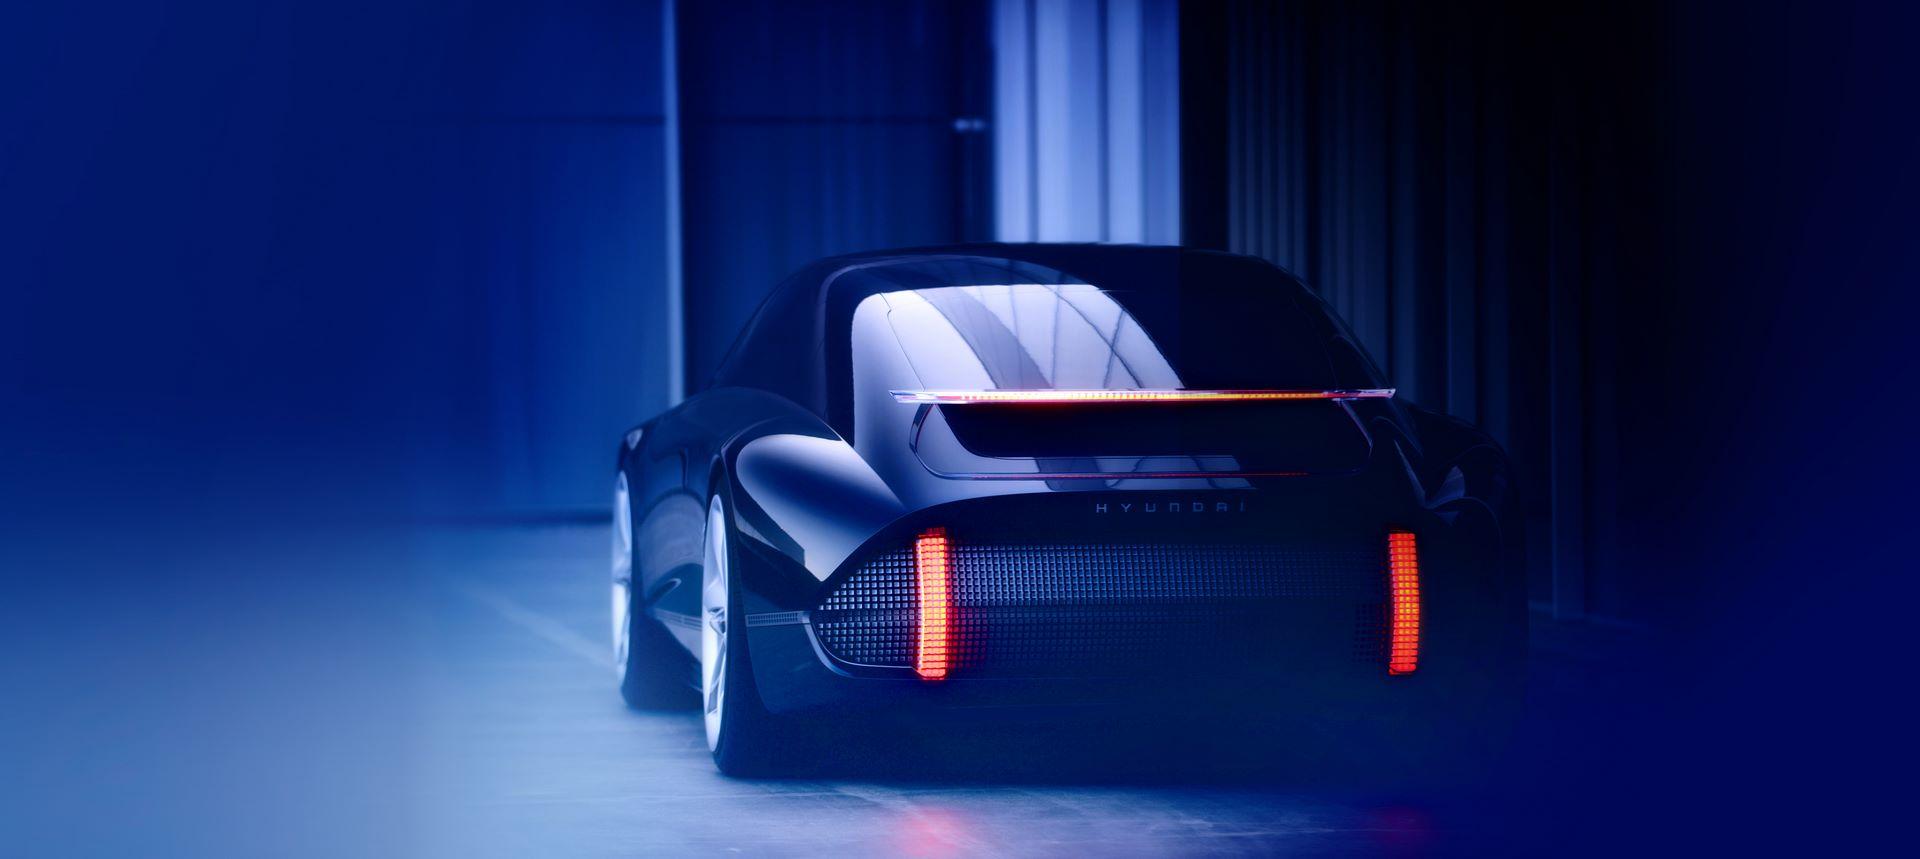 Hyundai-Prophecy-Concept-10